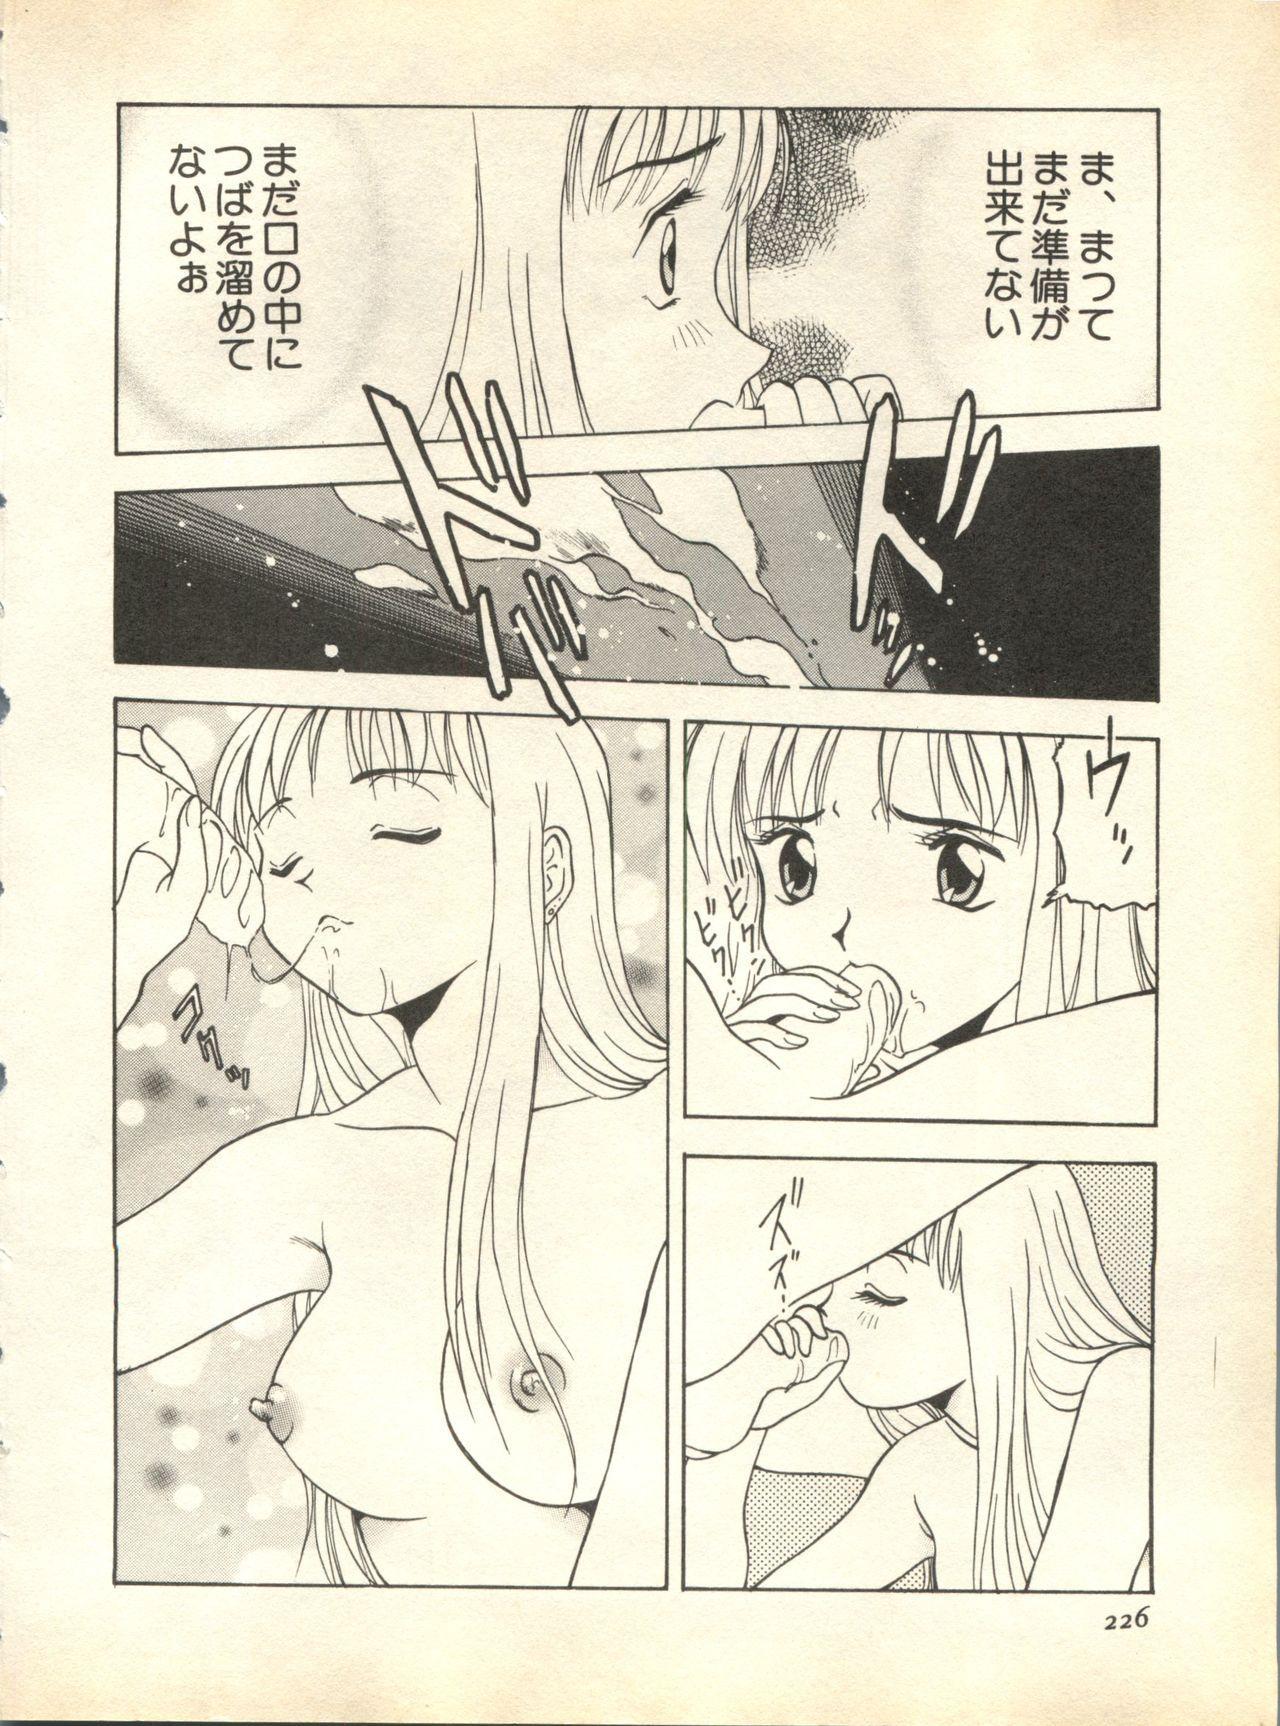 Pai;kuu 1998 October Vol. 13 225